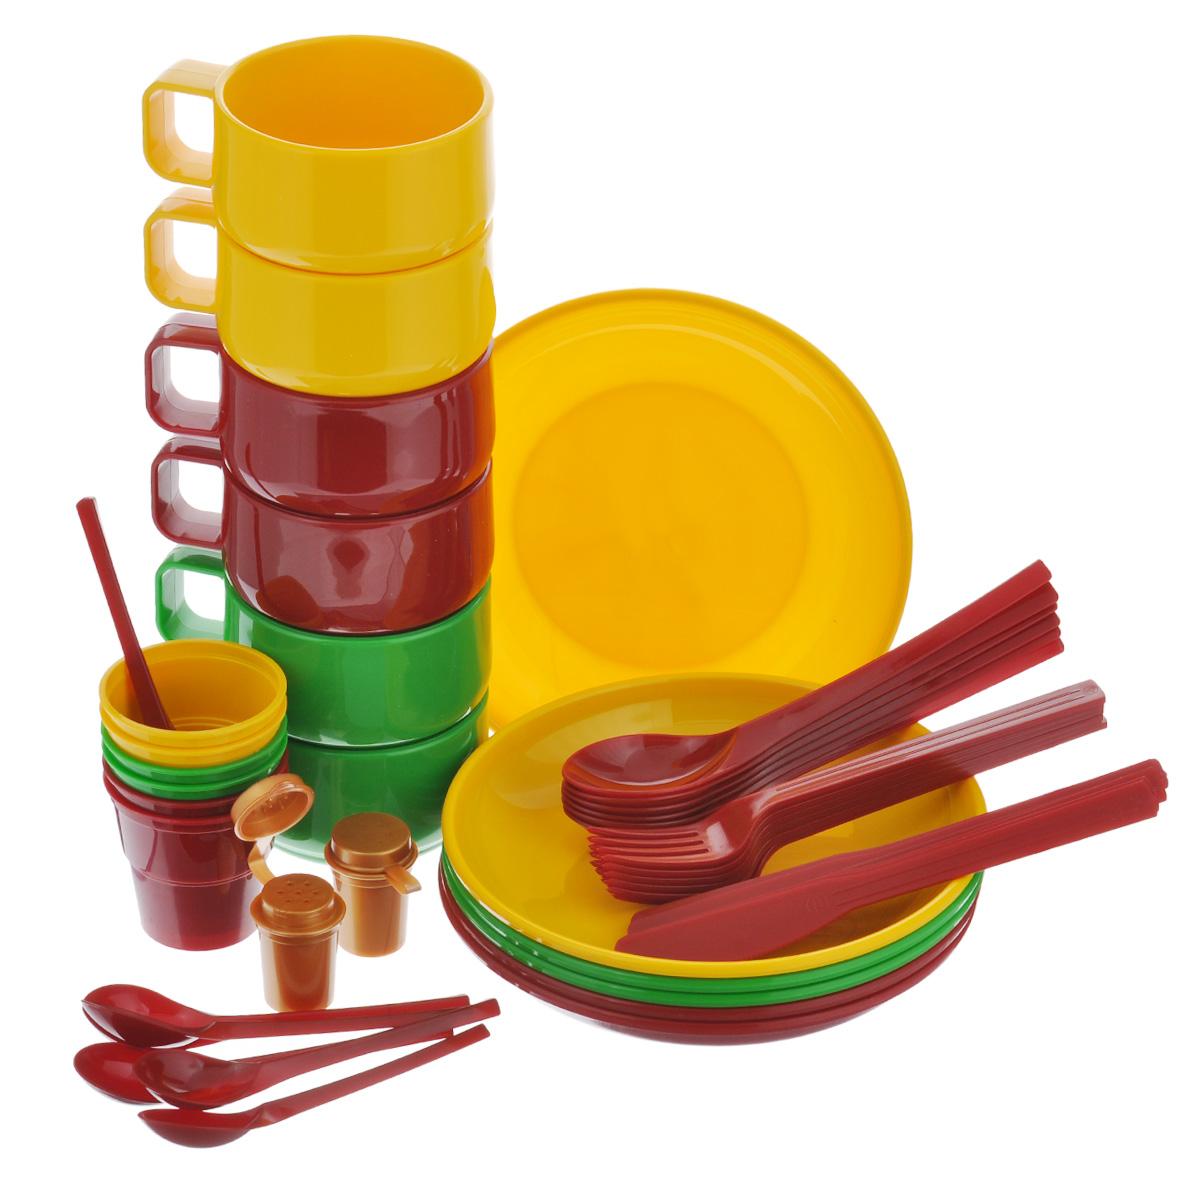 Набор посуды Solaris, на 6 персон42390710Компактный минималистичный набор посуды Solaris на 6 персон, в удобной виниловой сумке с ручкой и молнией.Свойства посуды:Посуда из ударопрочного пищевого полипропилена предназначена для многократного использования. Легкая, прочная и износостойкая, экологически чистая, эта посуда работает в диапазоне температур от -25°С до +110°С. Можно мыть в посудомоечной машине. Эта посуда также обеспечивает:Хранение горячих и холодных пищевых продуктов;Разогрев продуктов в микроволновой печи;Приготовление пищи в микроволновой печи на пару (пароварка);Хранение продуктов в холодильной и морозильной камере;Кипячение воды с помощью электрокипятильника.Комплектация набора на 6 персон:6 тарелок;6 чашек объемом 0,28 л;6 стаканов с мерными делениями объемом 0,1 л;6 вилок;6 столовых ложек;6 ножей;6 чайных ложек;2 солонки.Диаметр тарелок: 19 см.Высота тарелок: 3 см.Высота стаканов: 6,3 см.Диаметр стаканов: 6,5 см.Высота чашек: 6,5 см.Диаметр чашек: 9,5 см.Длина ложек: 19 см.Длина ложек: 19 см.Длина ножей: 19 см.Длина чайных ложек: 13,5 см.